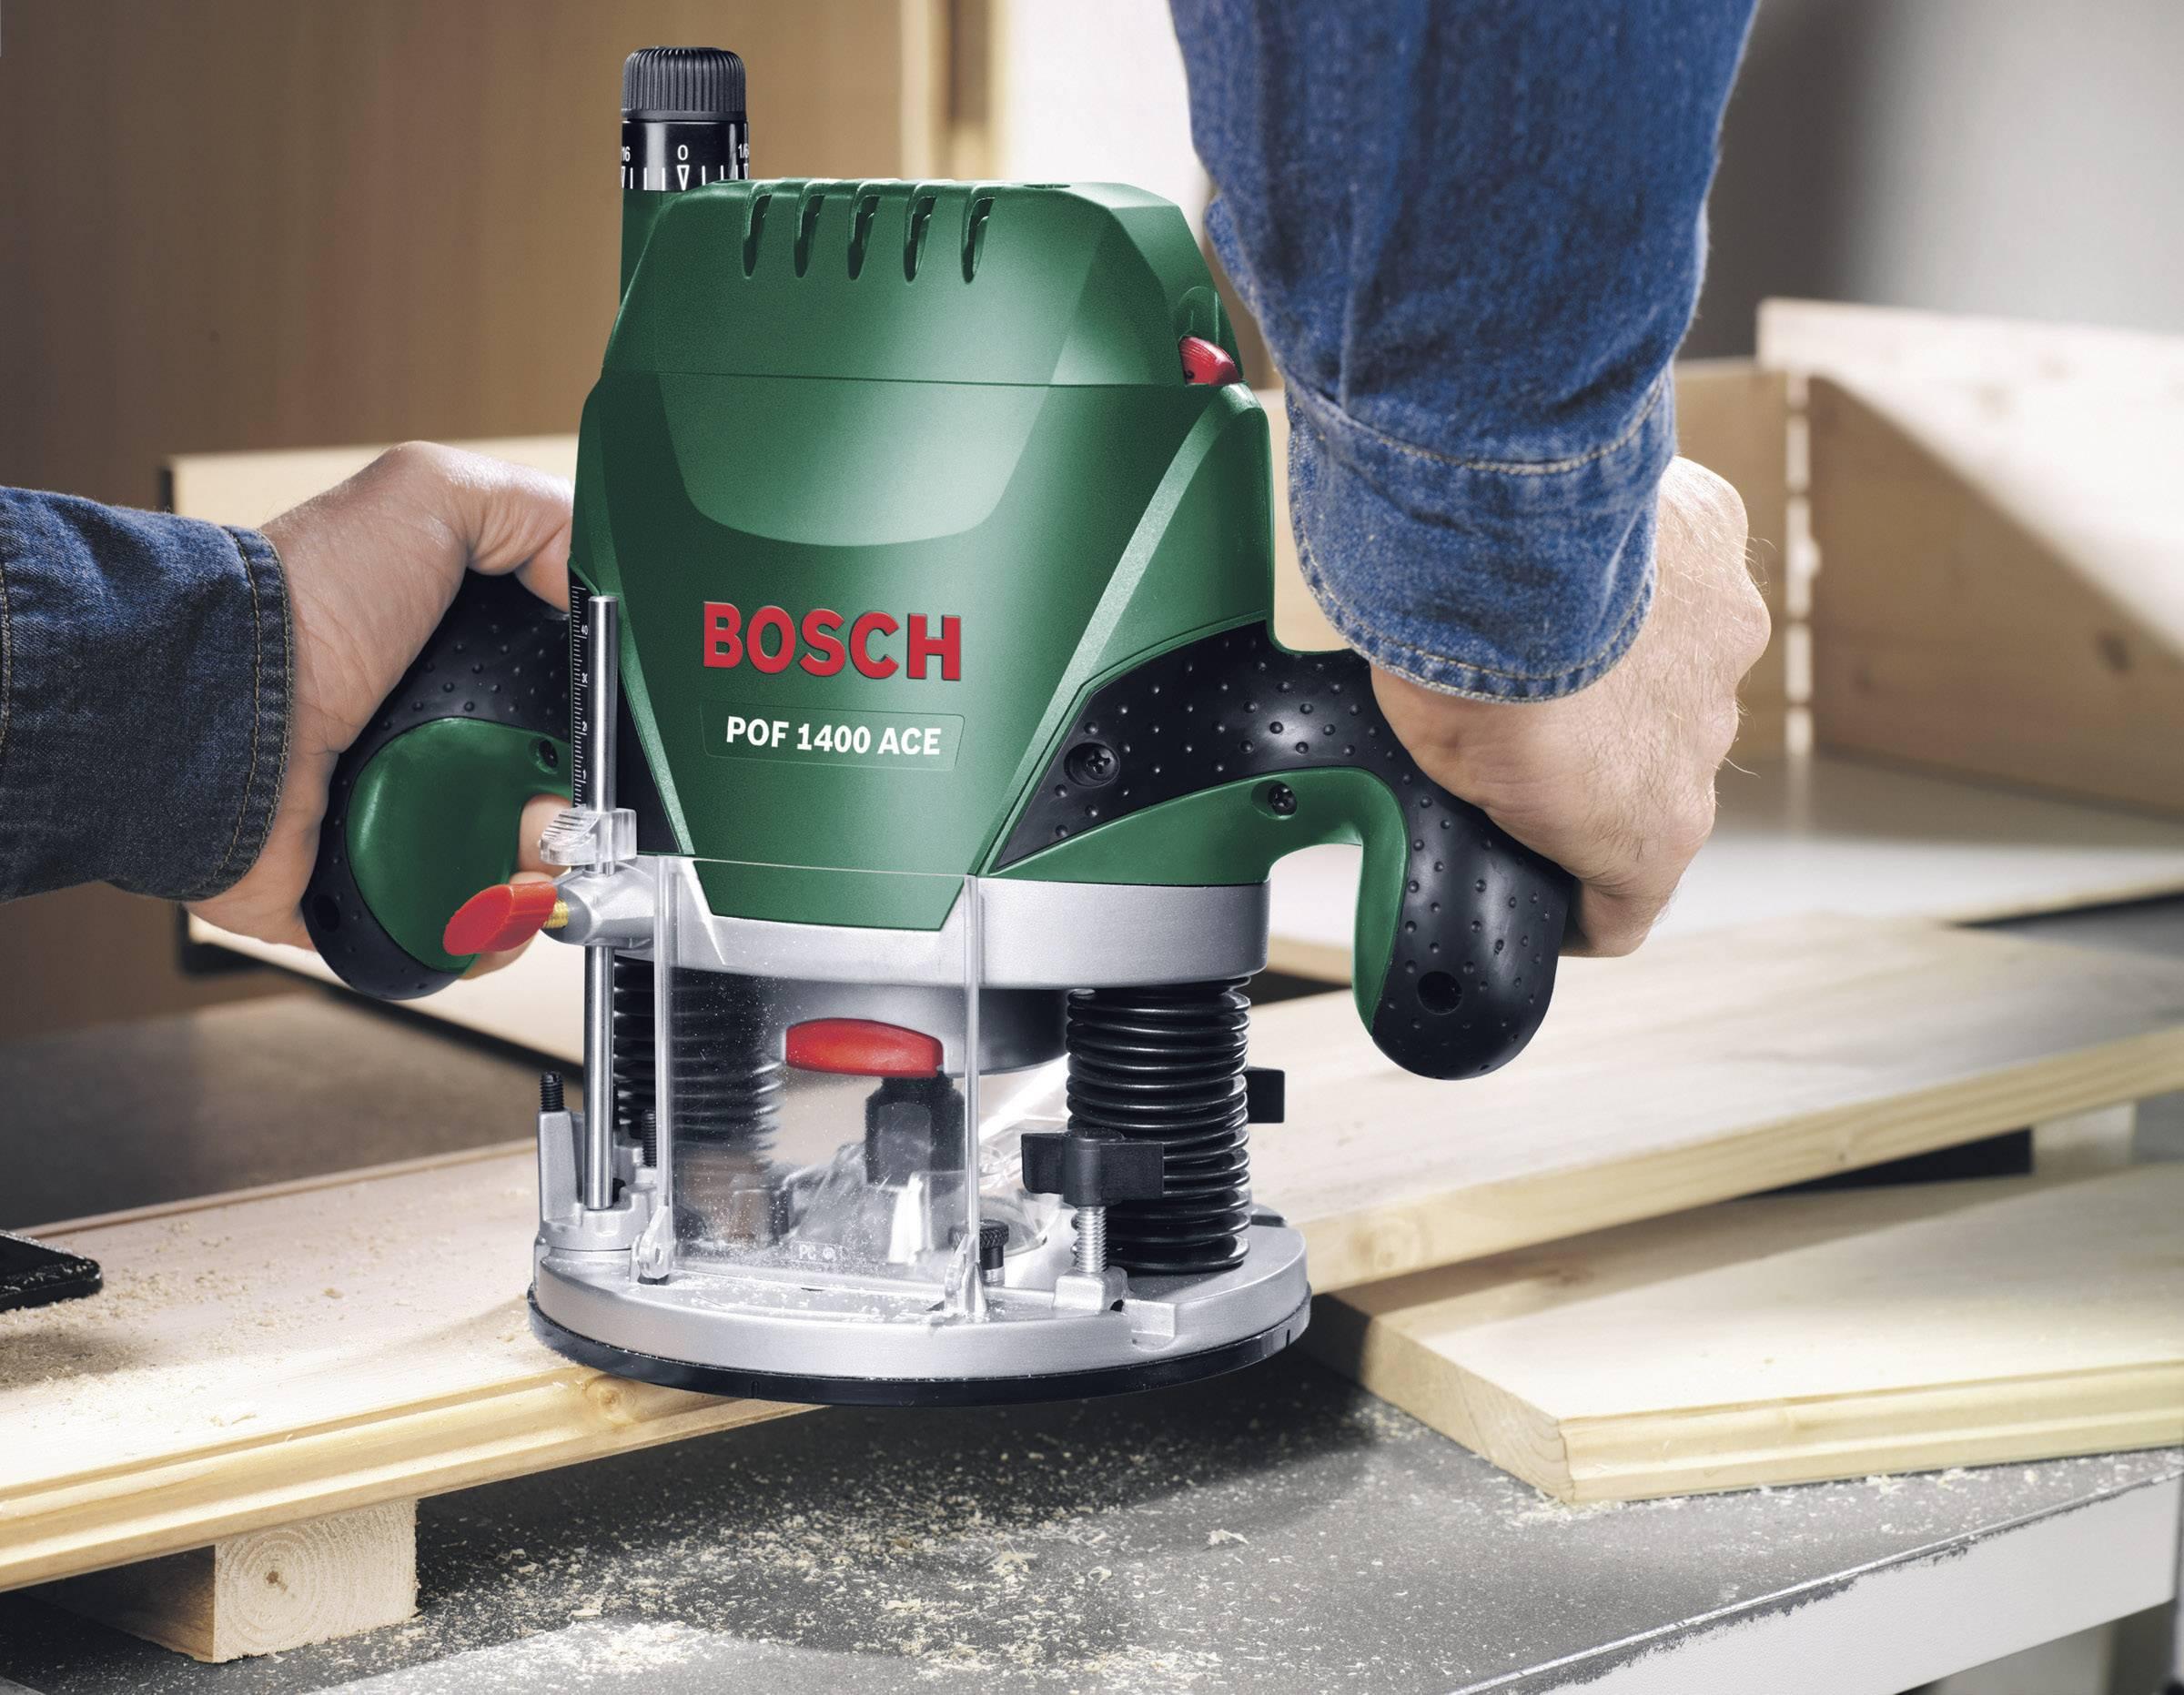 Fréza Bosch POF 1400 ACE, 1400 W